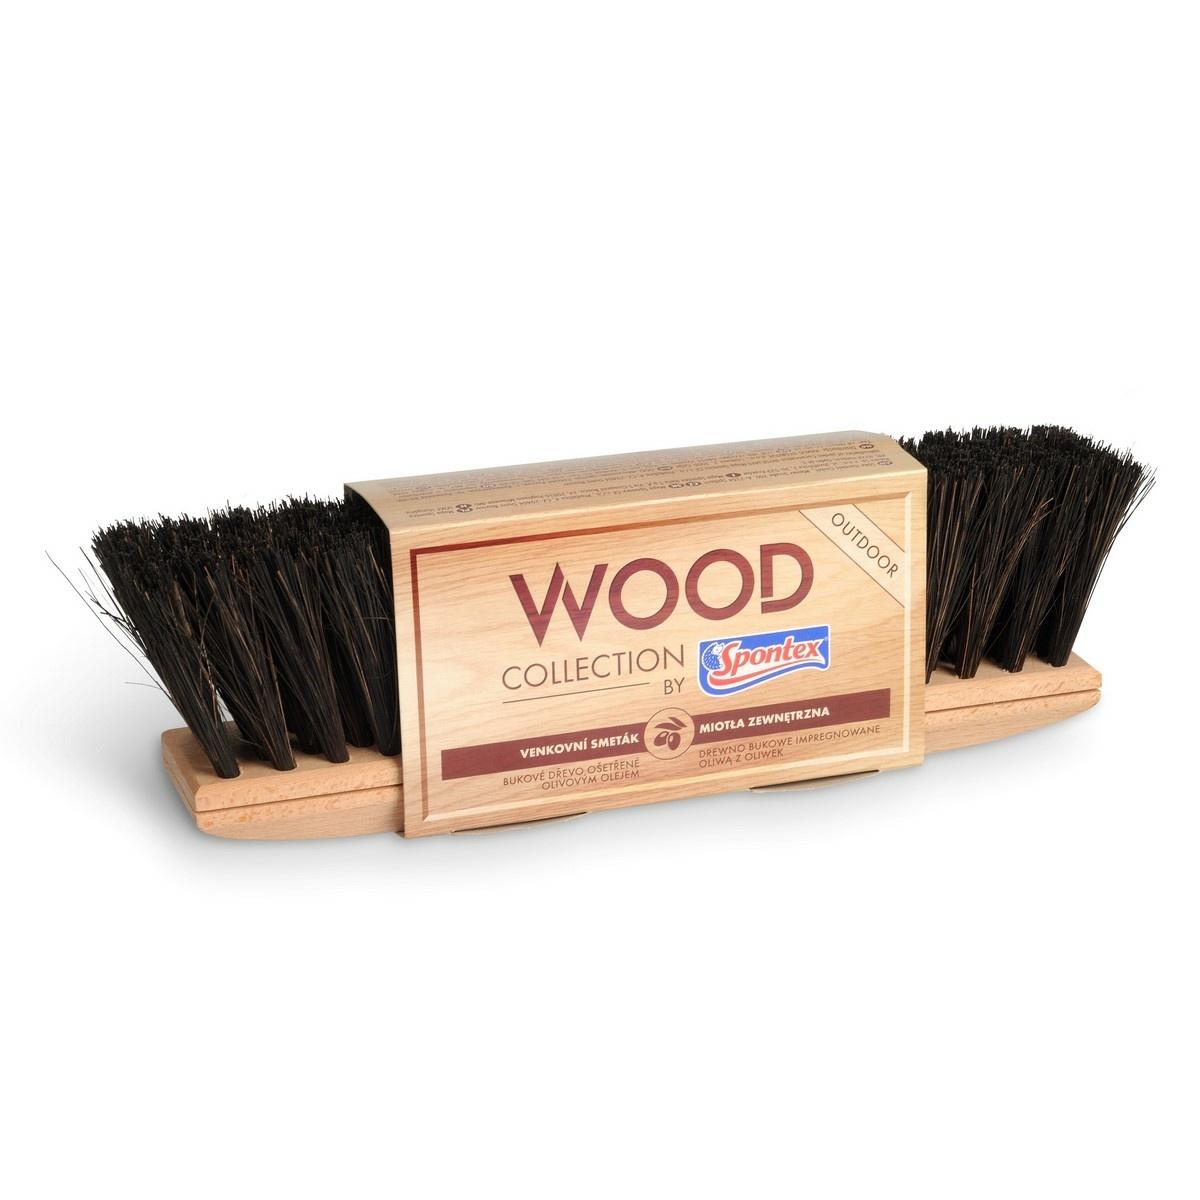 Wood Collection miotełka na zewnątrz